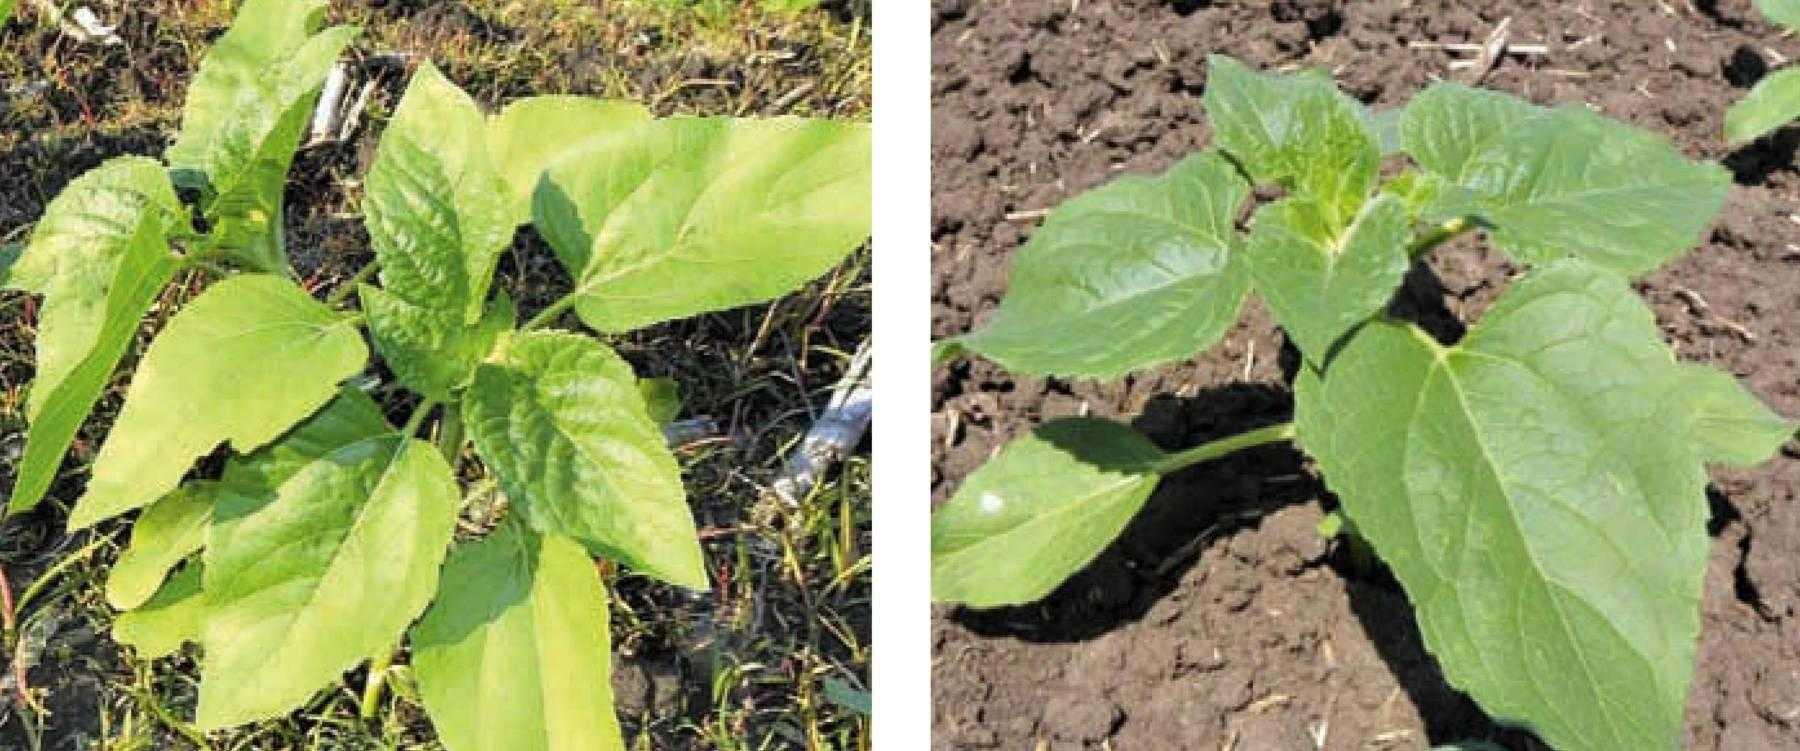 Симптомы дефицита азота: cлева – нехватка азота, справа – нормальное растение